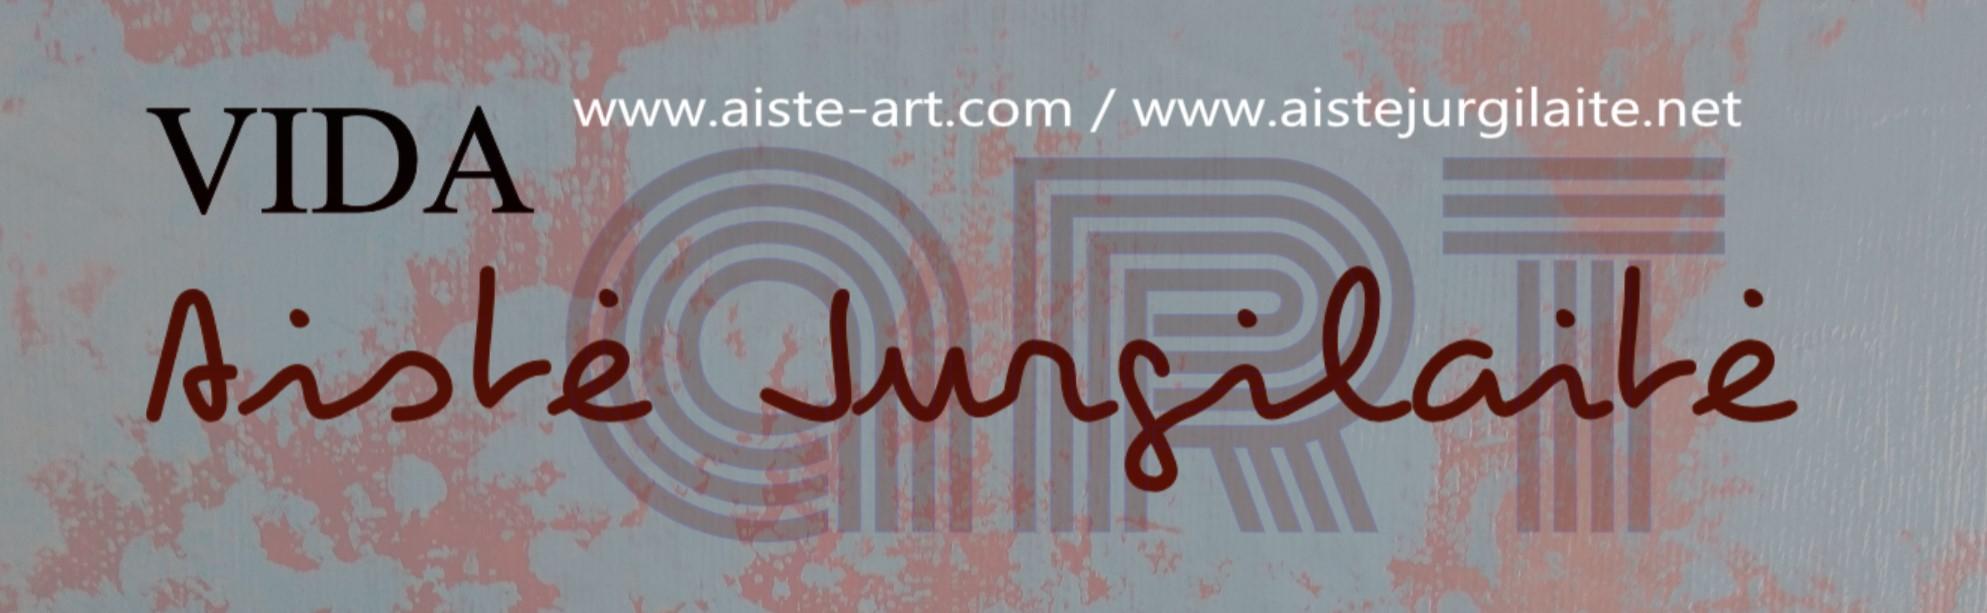 aiSTE JURGILAITE's Signature